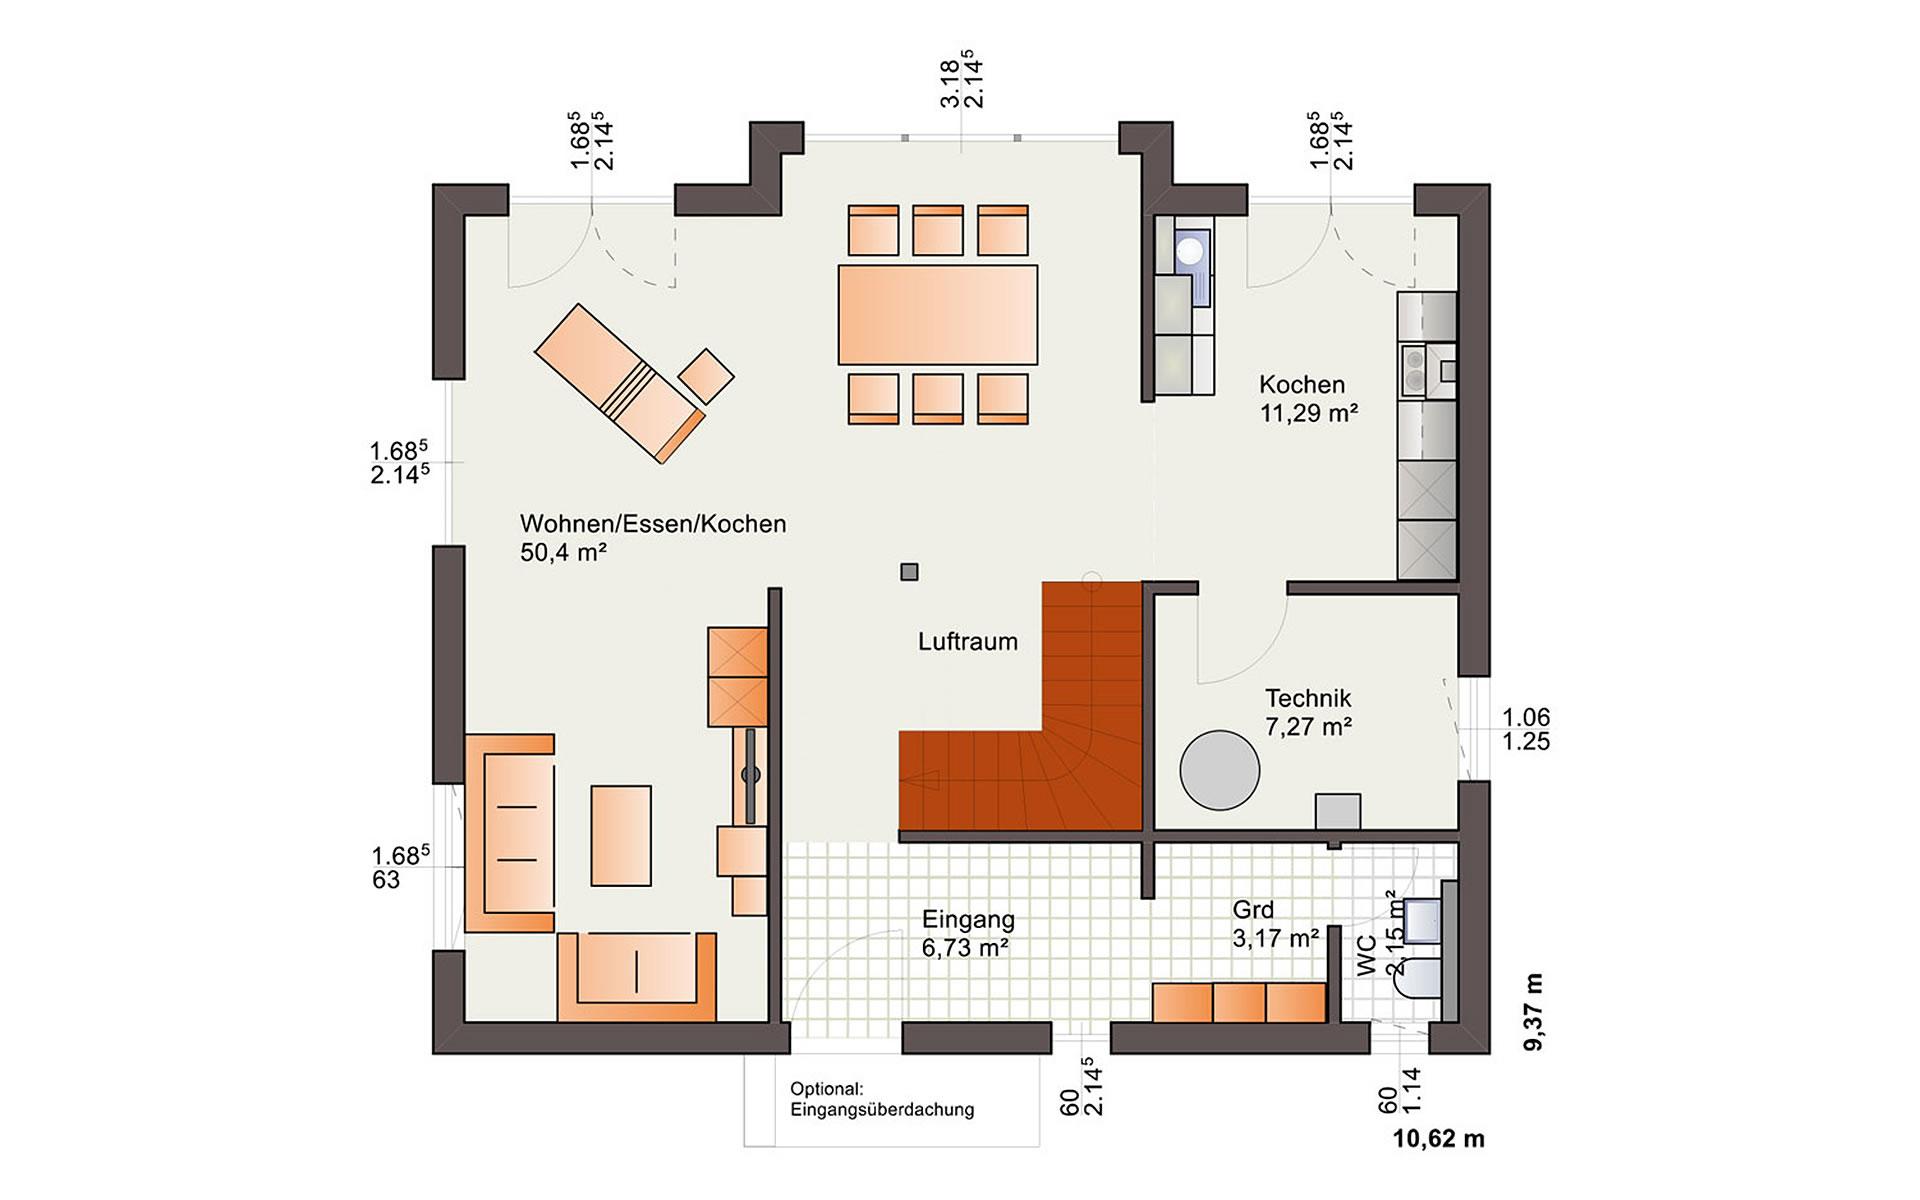 Erdgeschoss Esprit 155 von Bärenhaus - das fertige Haus GmbH